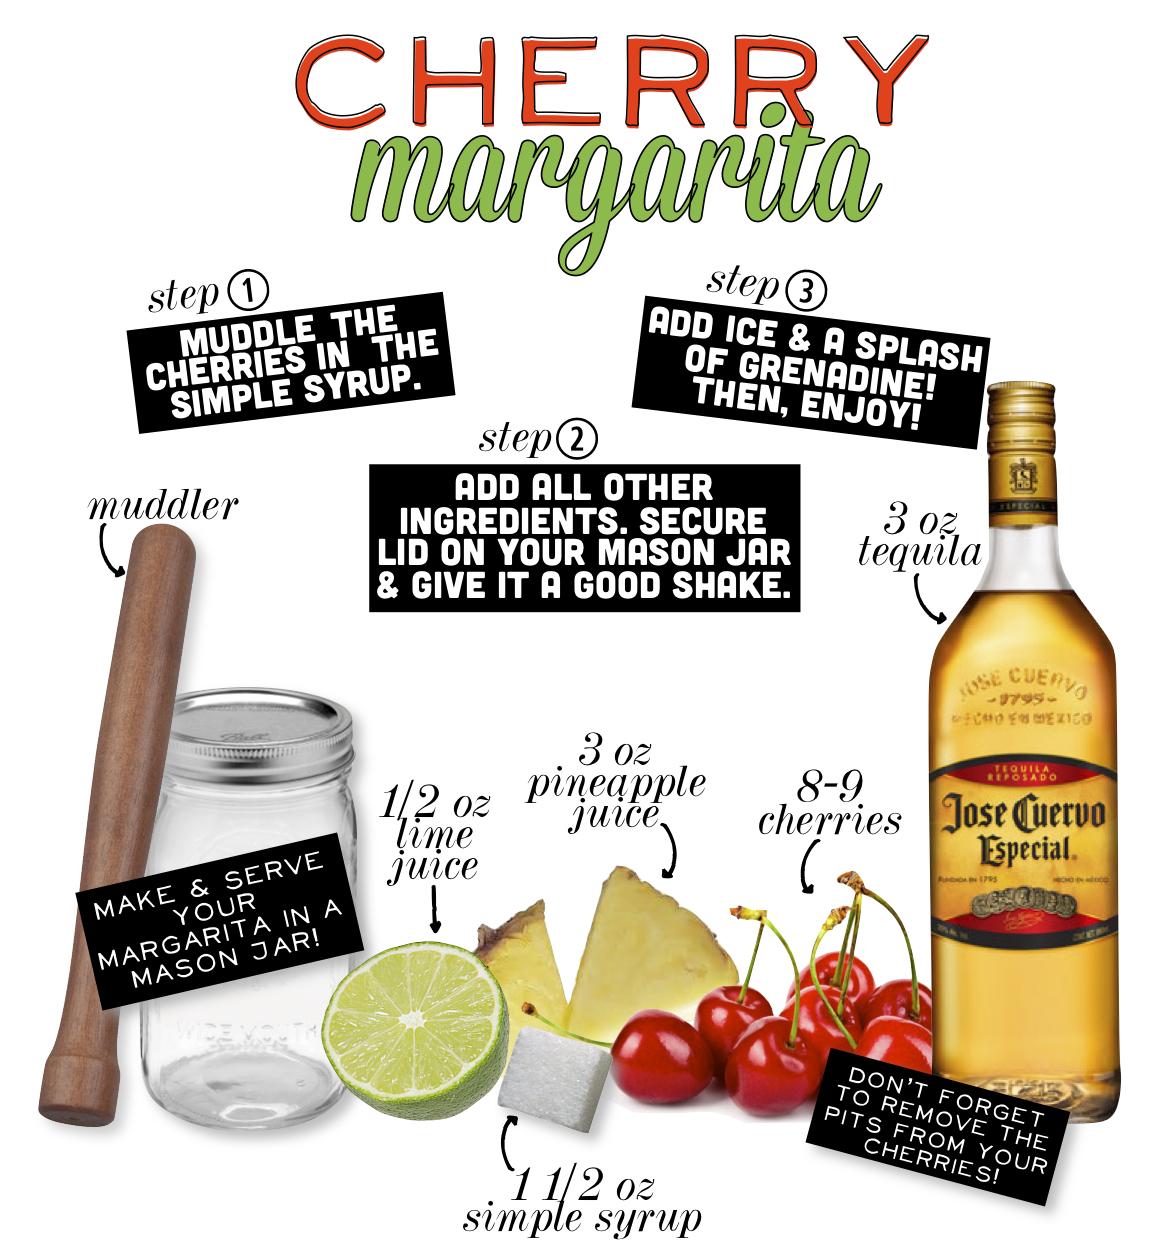 cherrymargarita